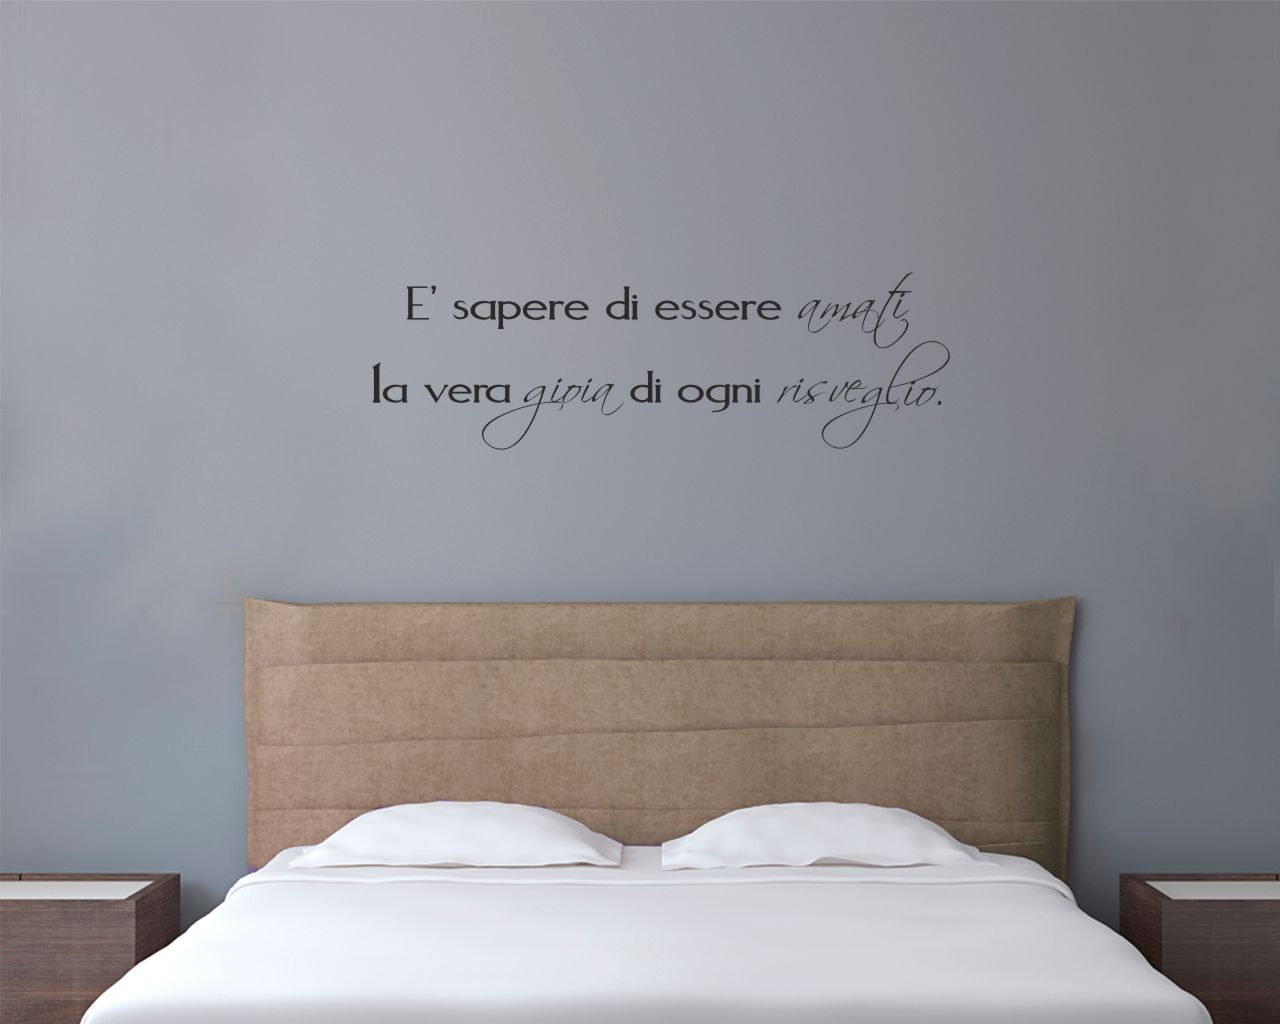 La gioia di ogni risveglio frasi aforismi citazioni for Specchi adesivi murali